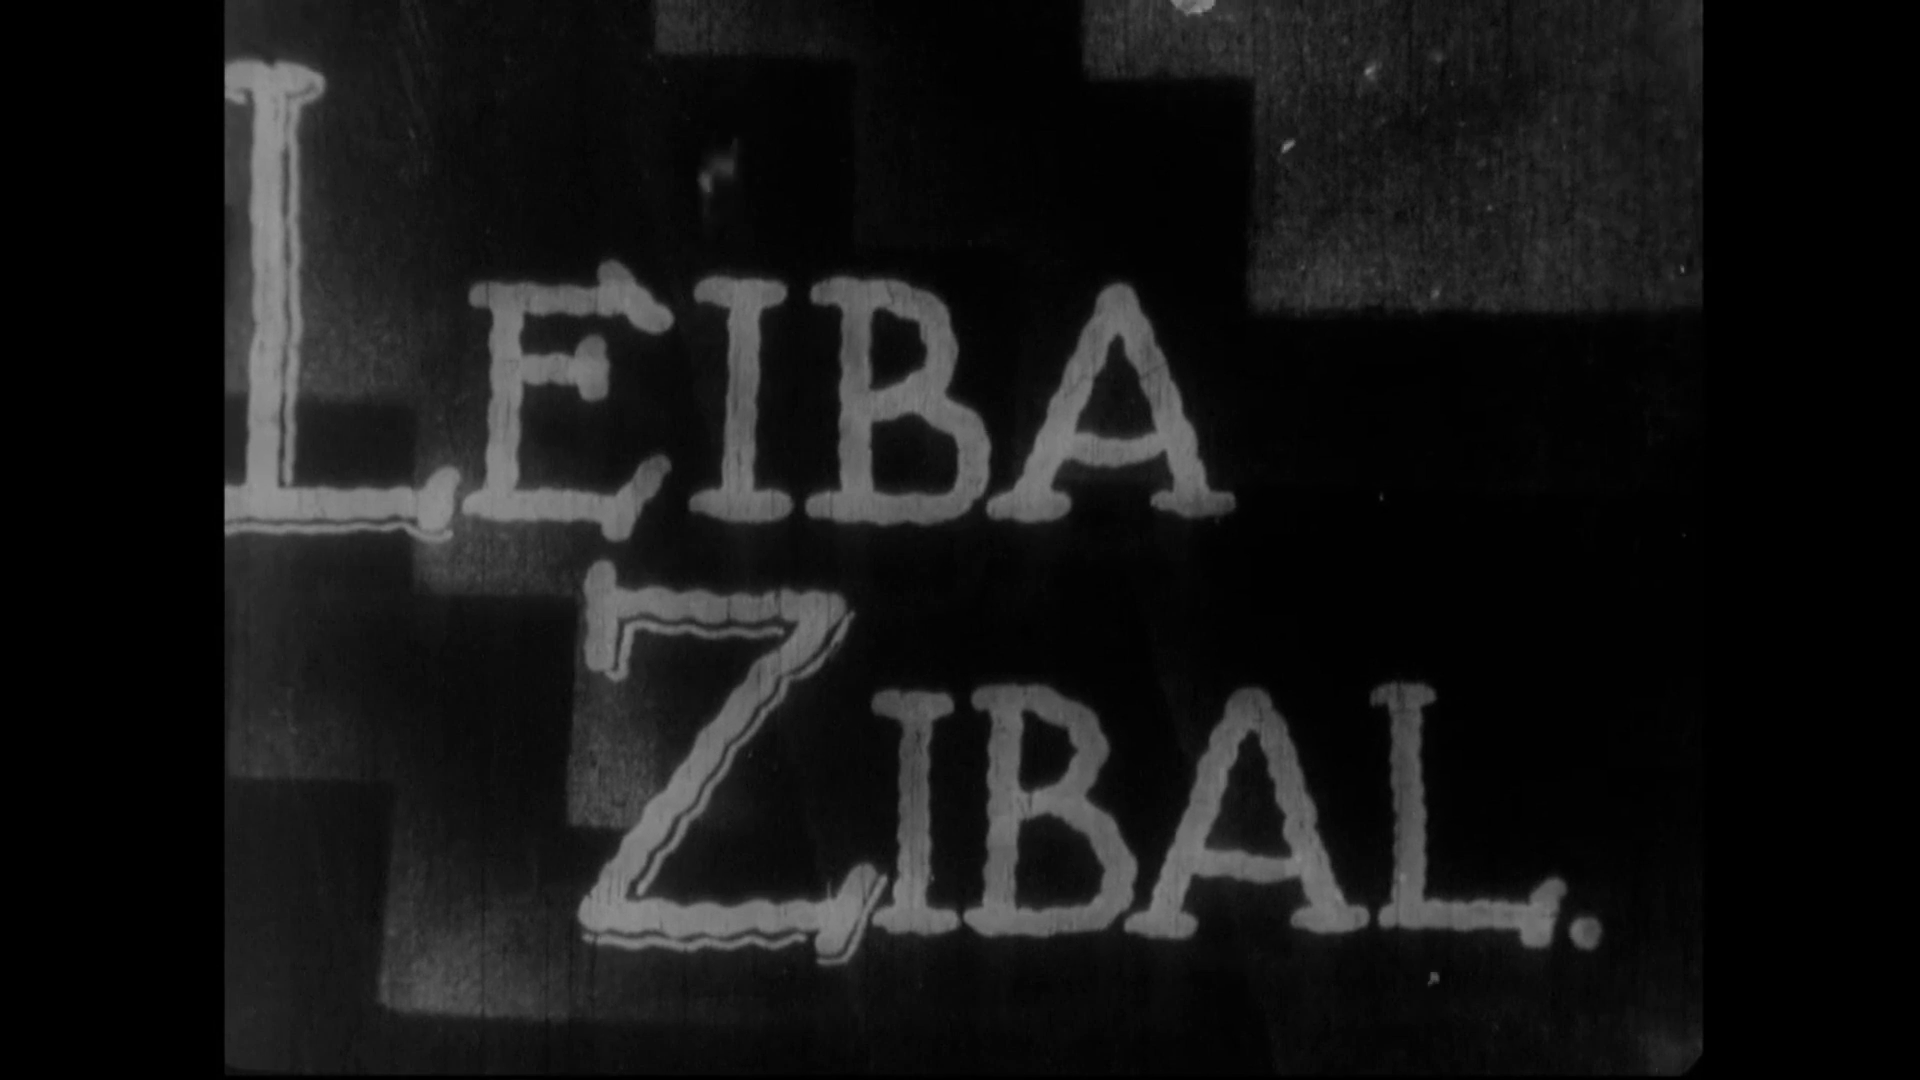 Leiba Zibal